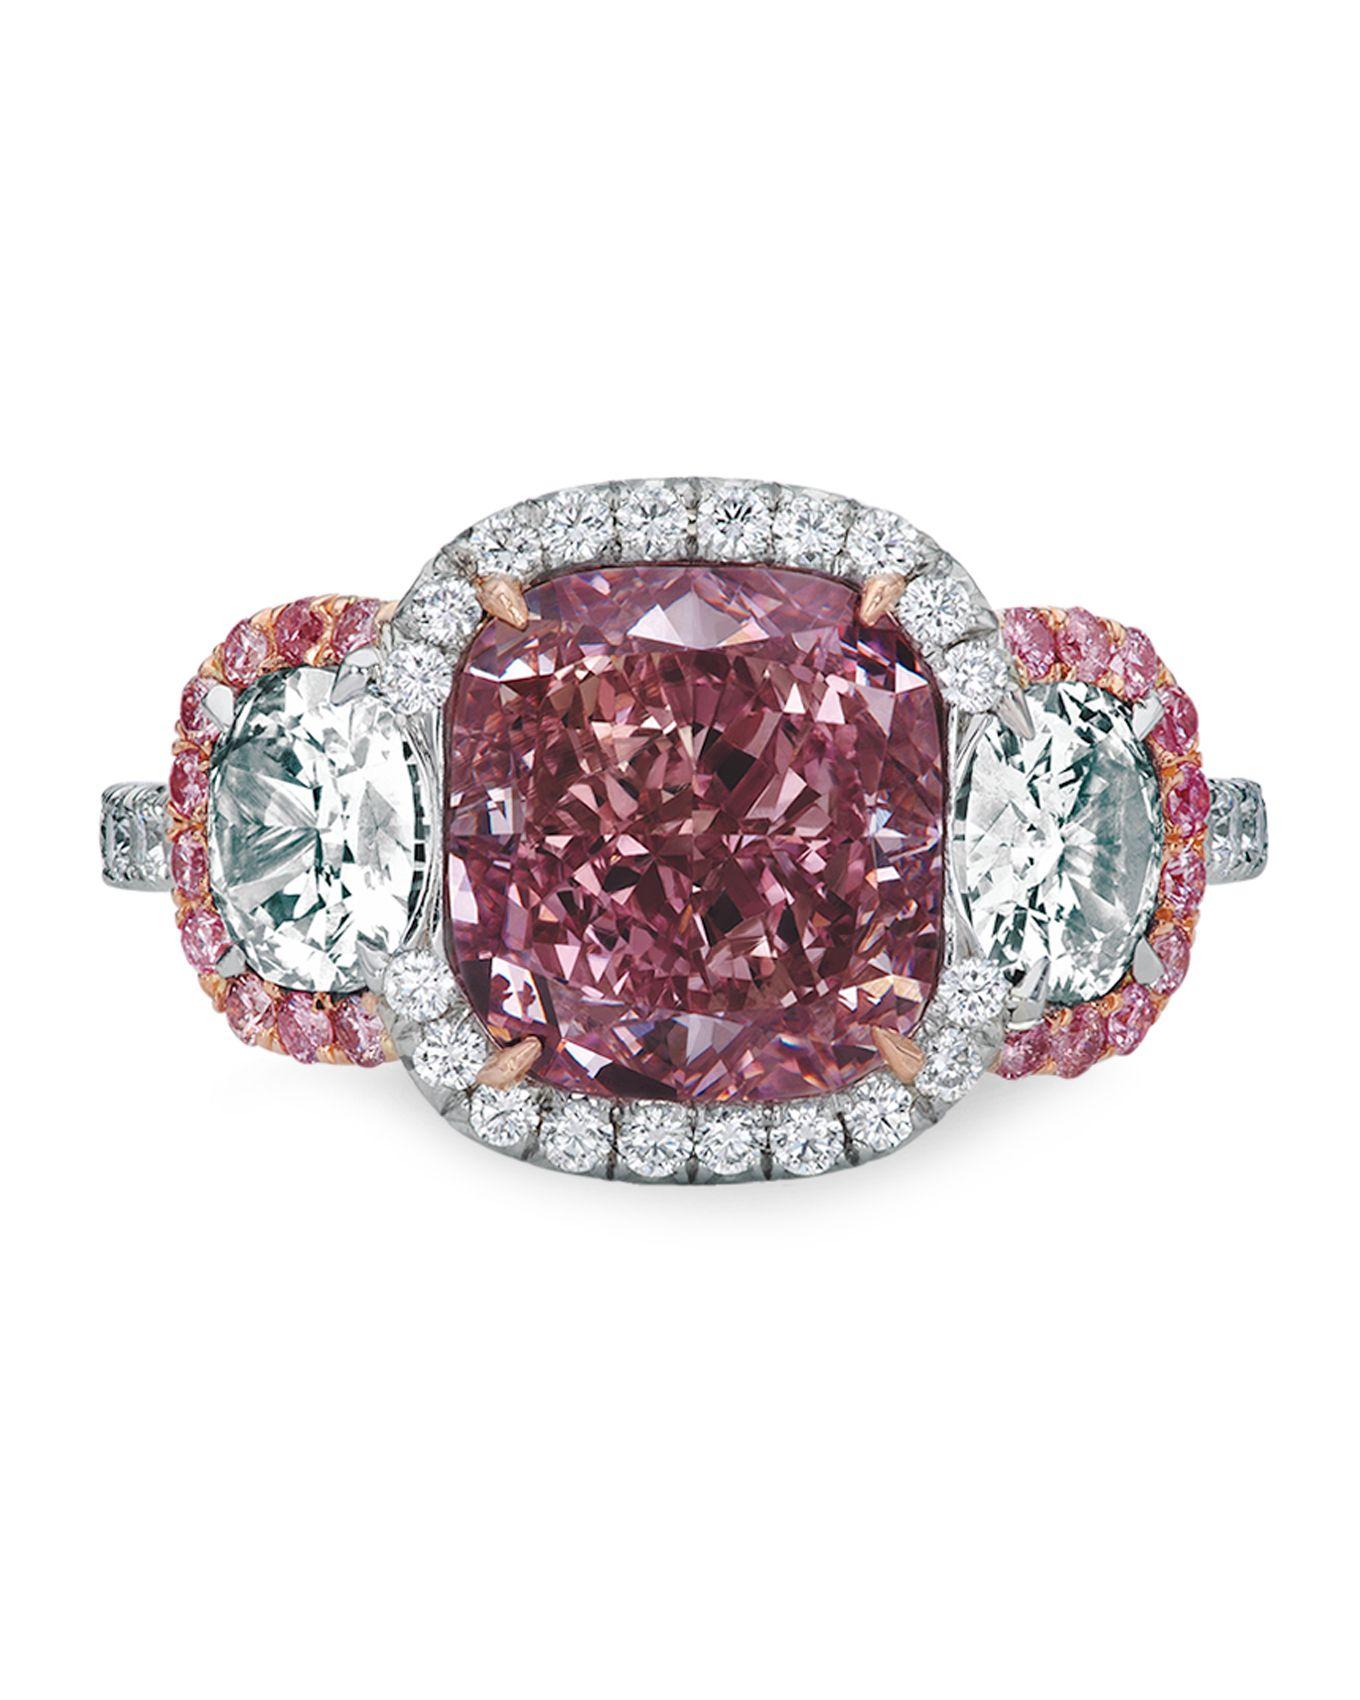 Fancy Intense Purplepink Diamond Ring